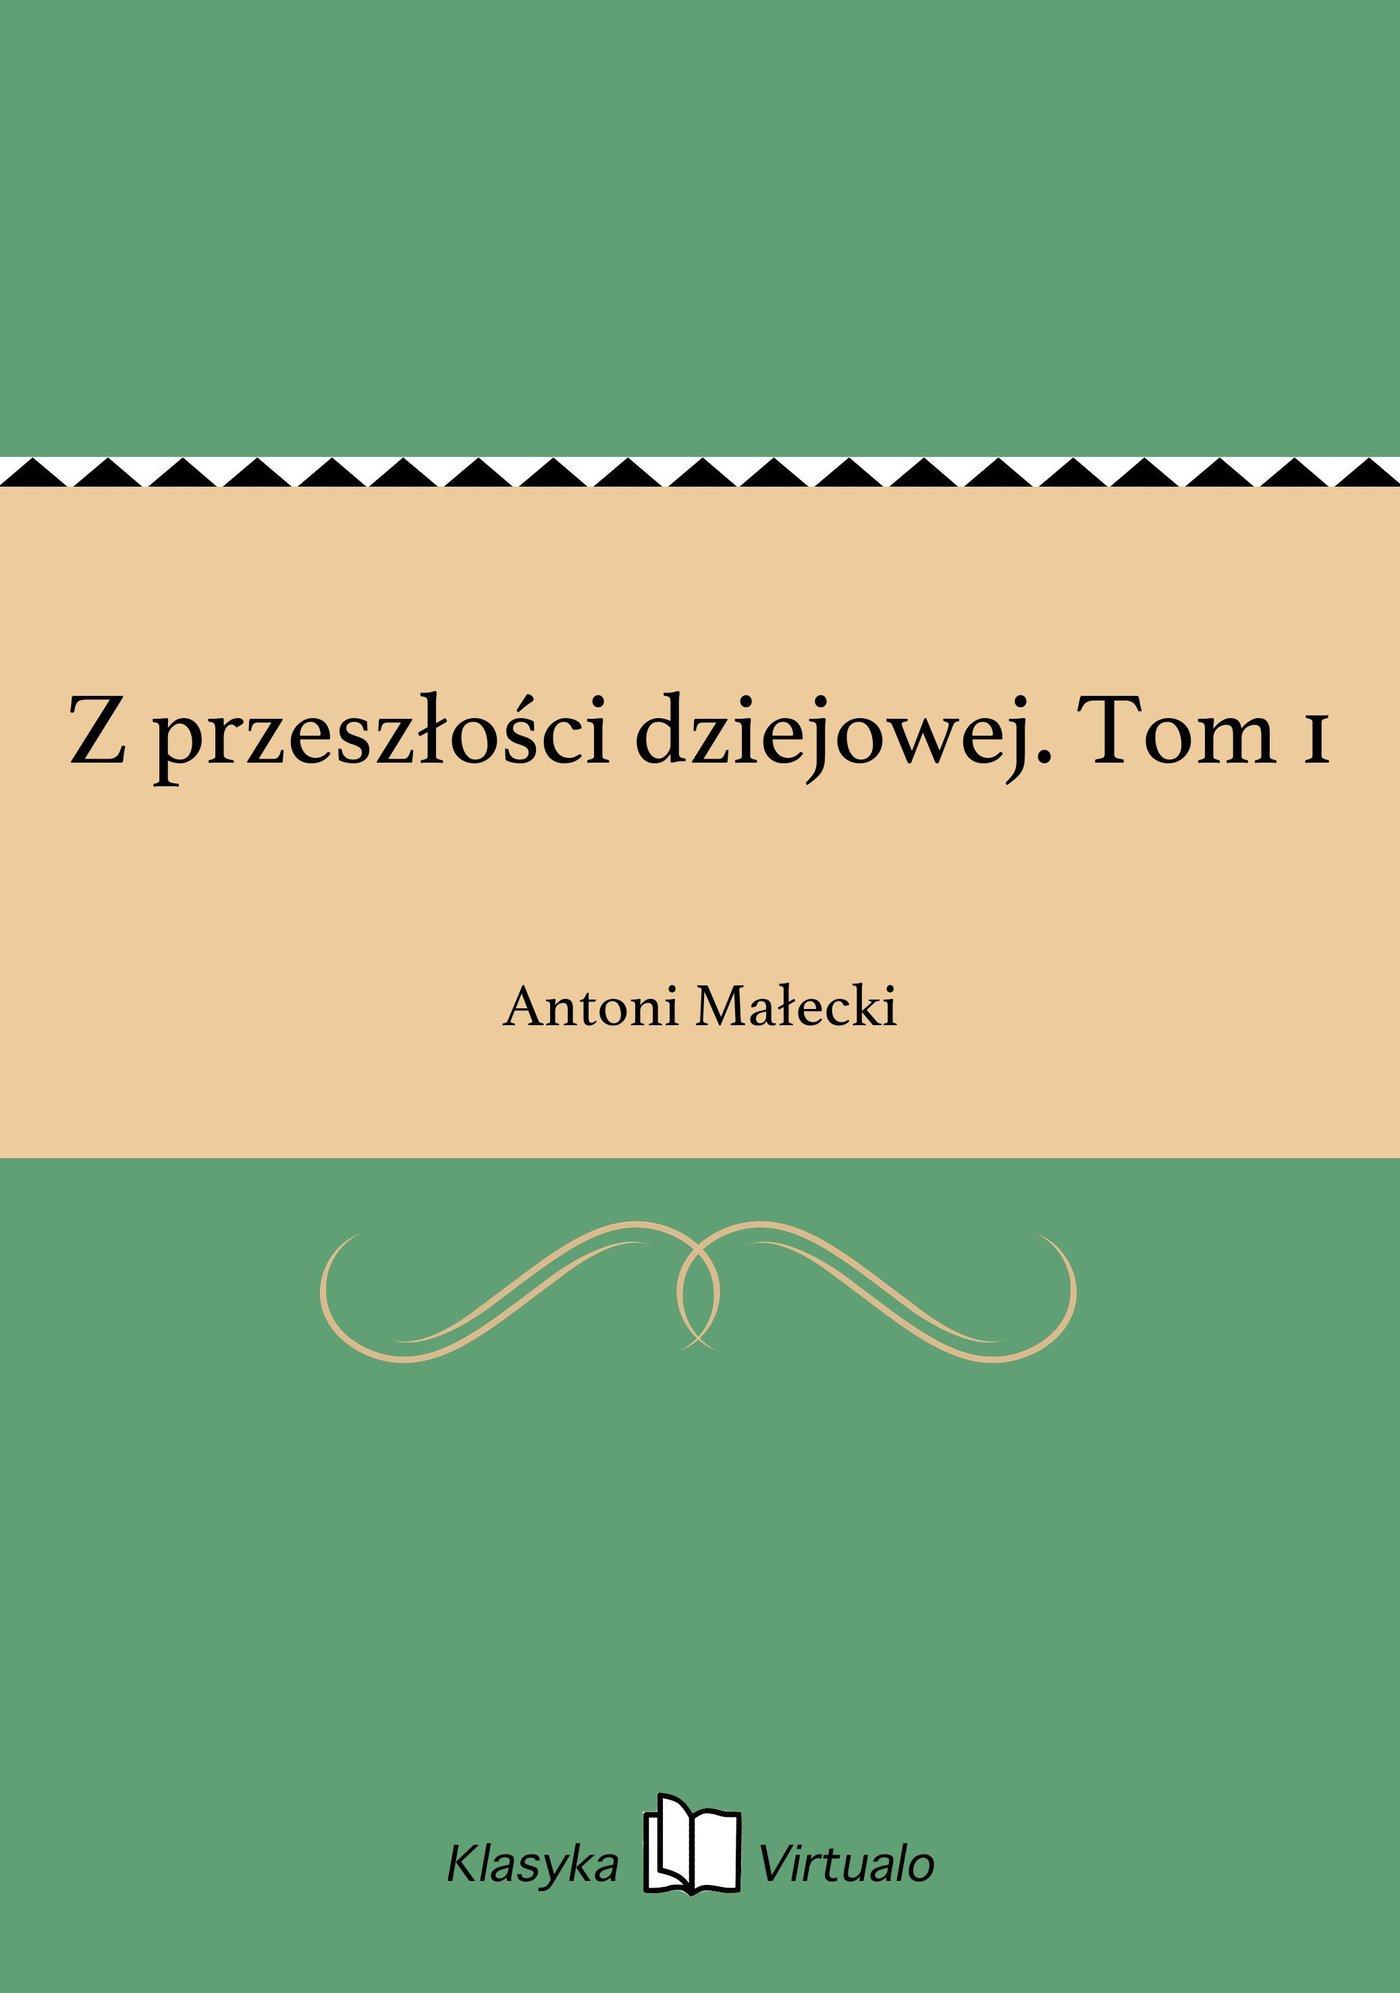 Z przeszłości dziejowej. Tom 1 - Ebook (Książka EPUB) do pobrania w formacie EPUB